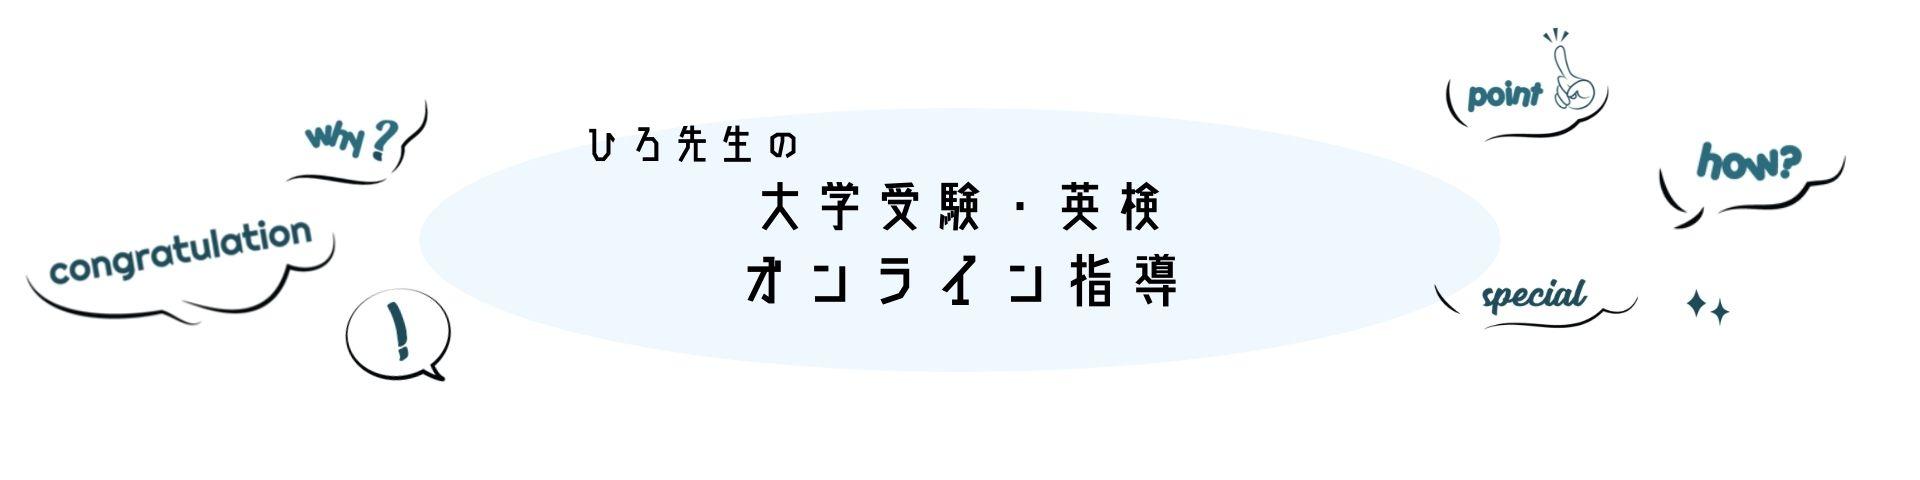 【オンライン指導専門】大学受験/英検 ひろ先生のオンライン指導